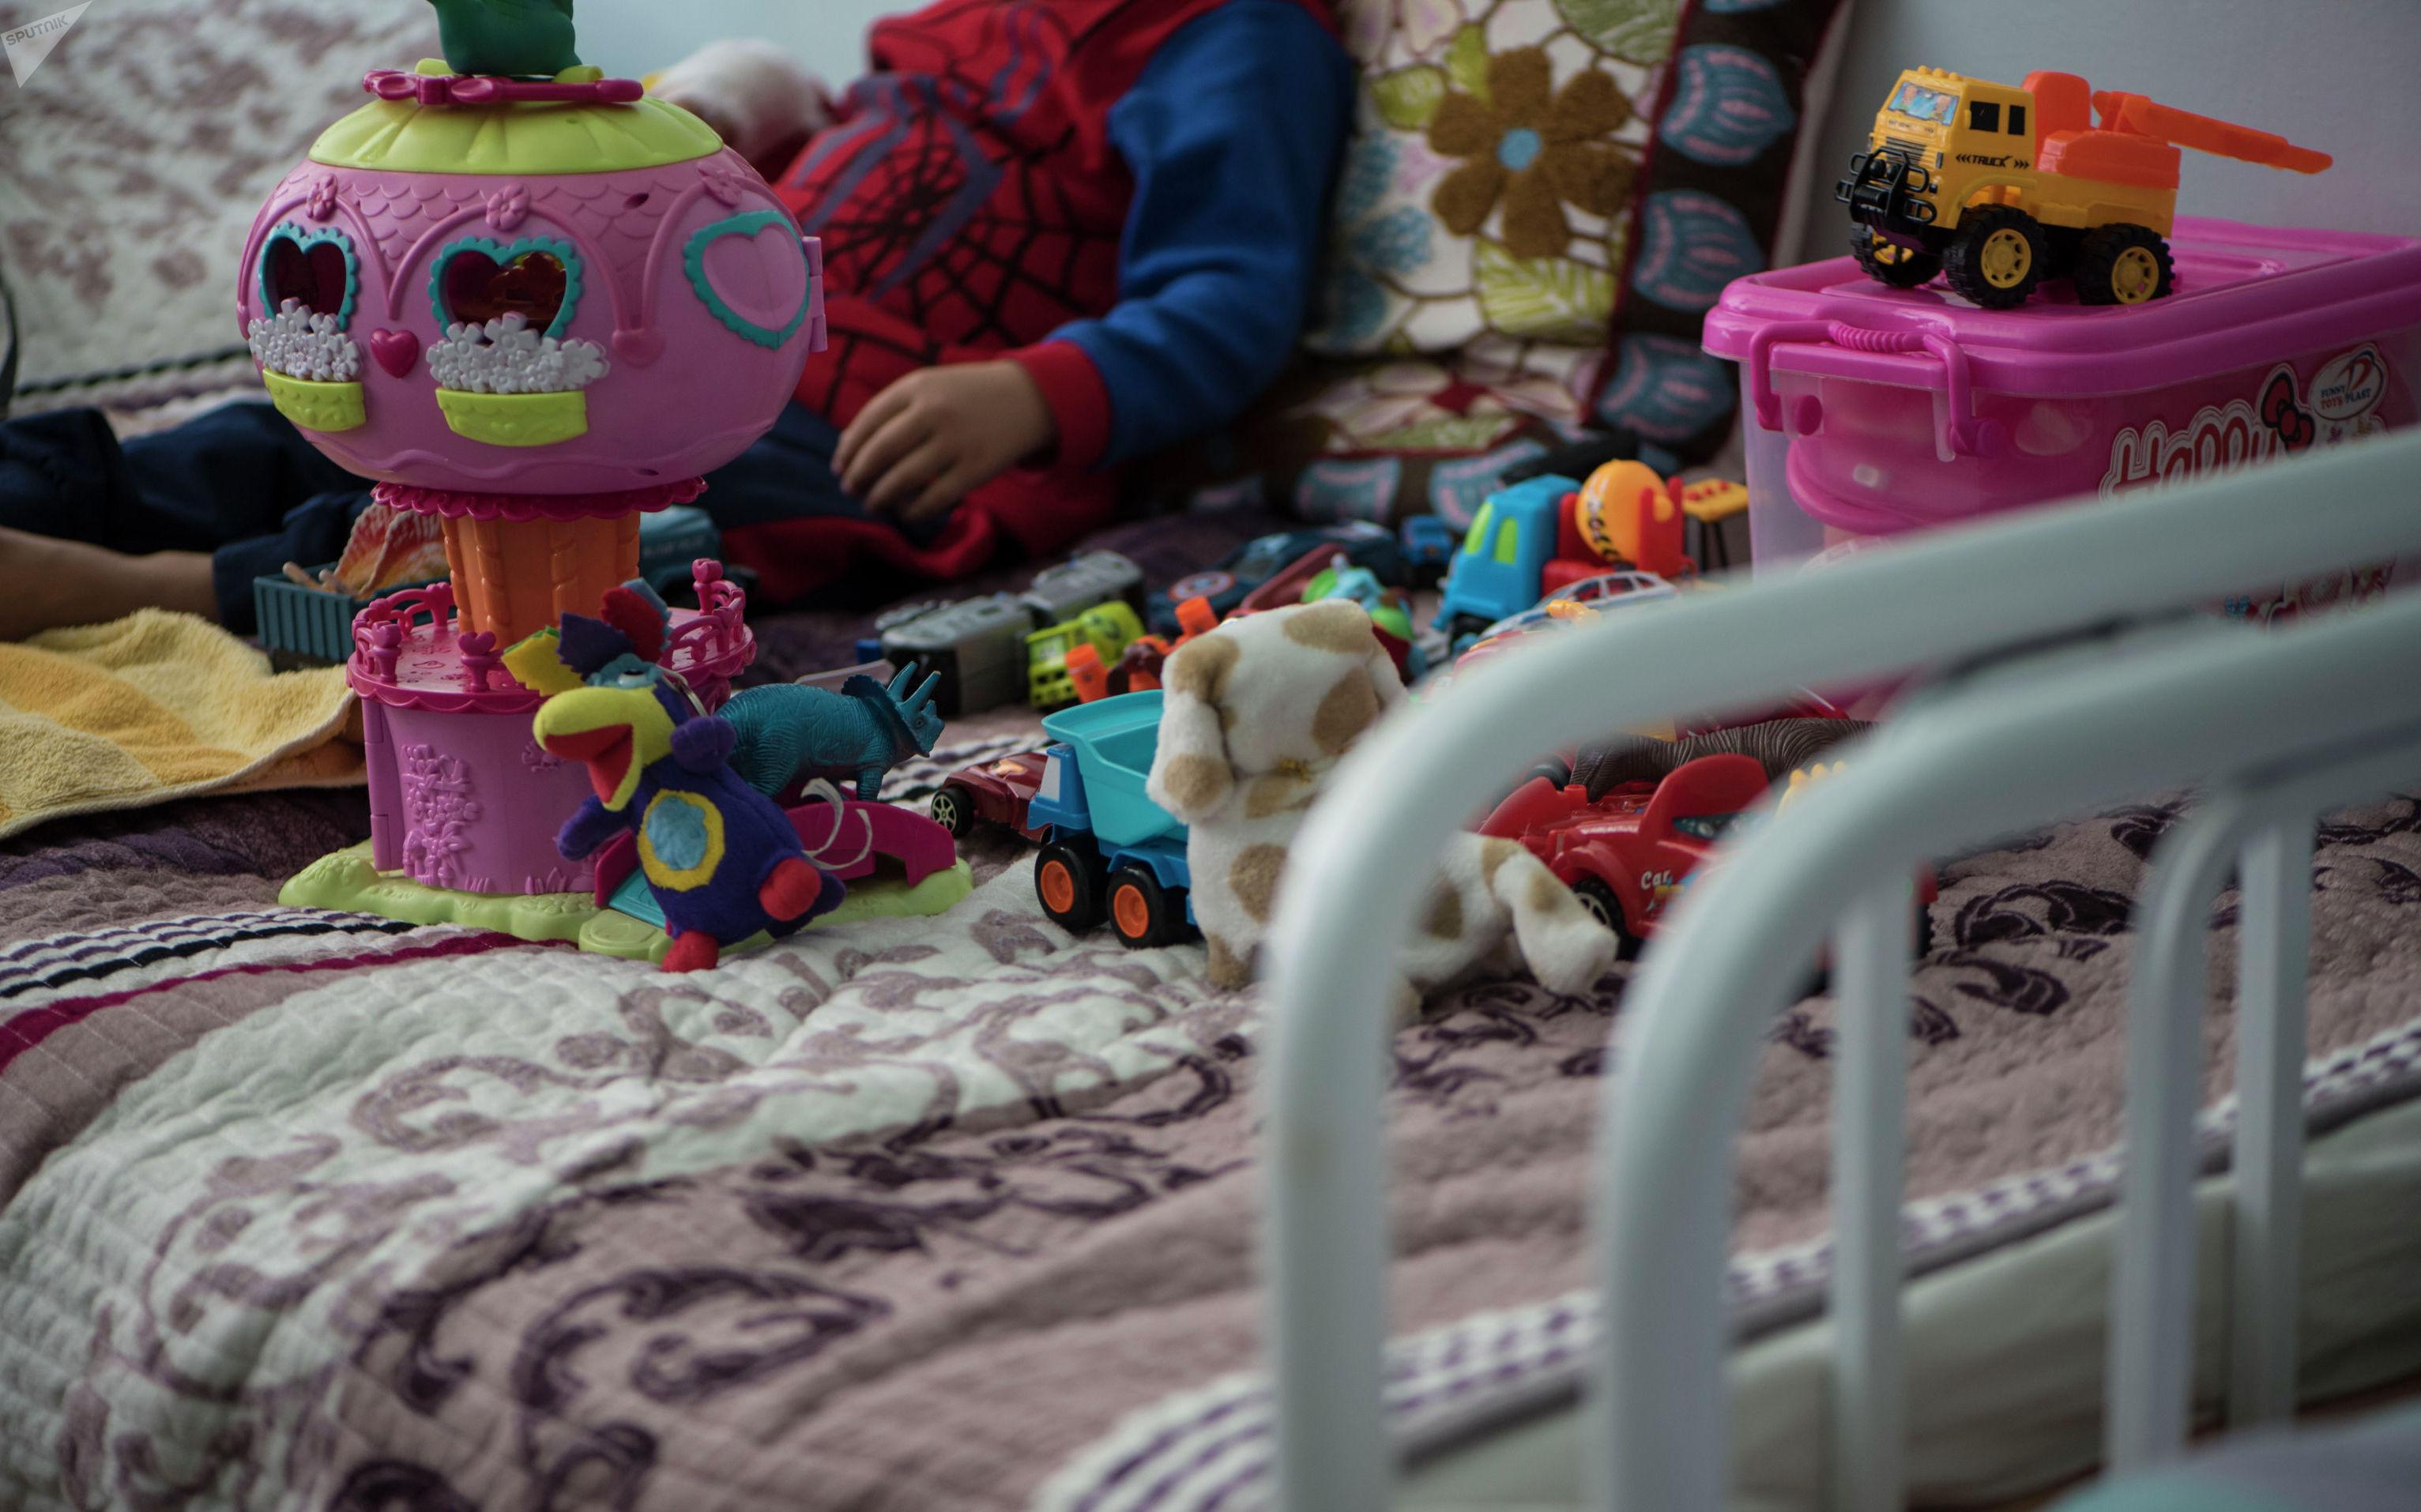 Трехлетний Медер, который страдает нейробластомой(высокозлокачественная опухоль)